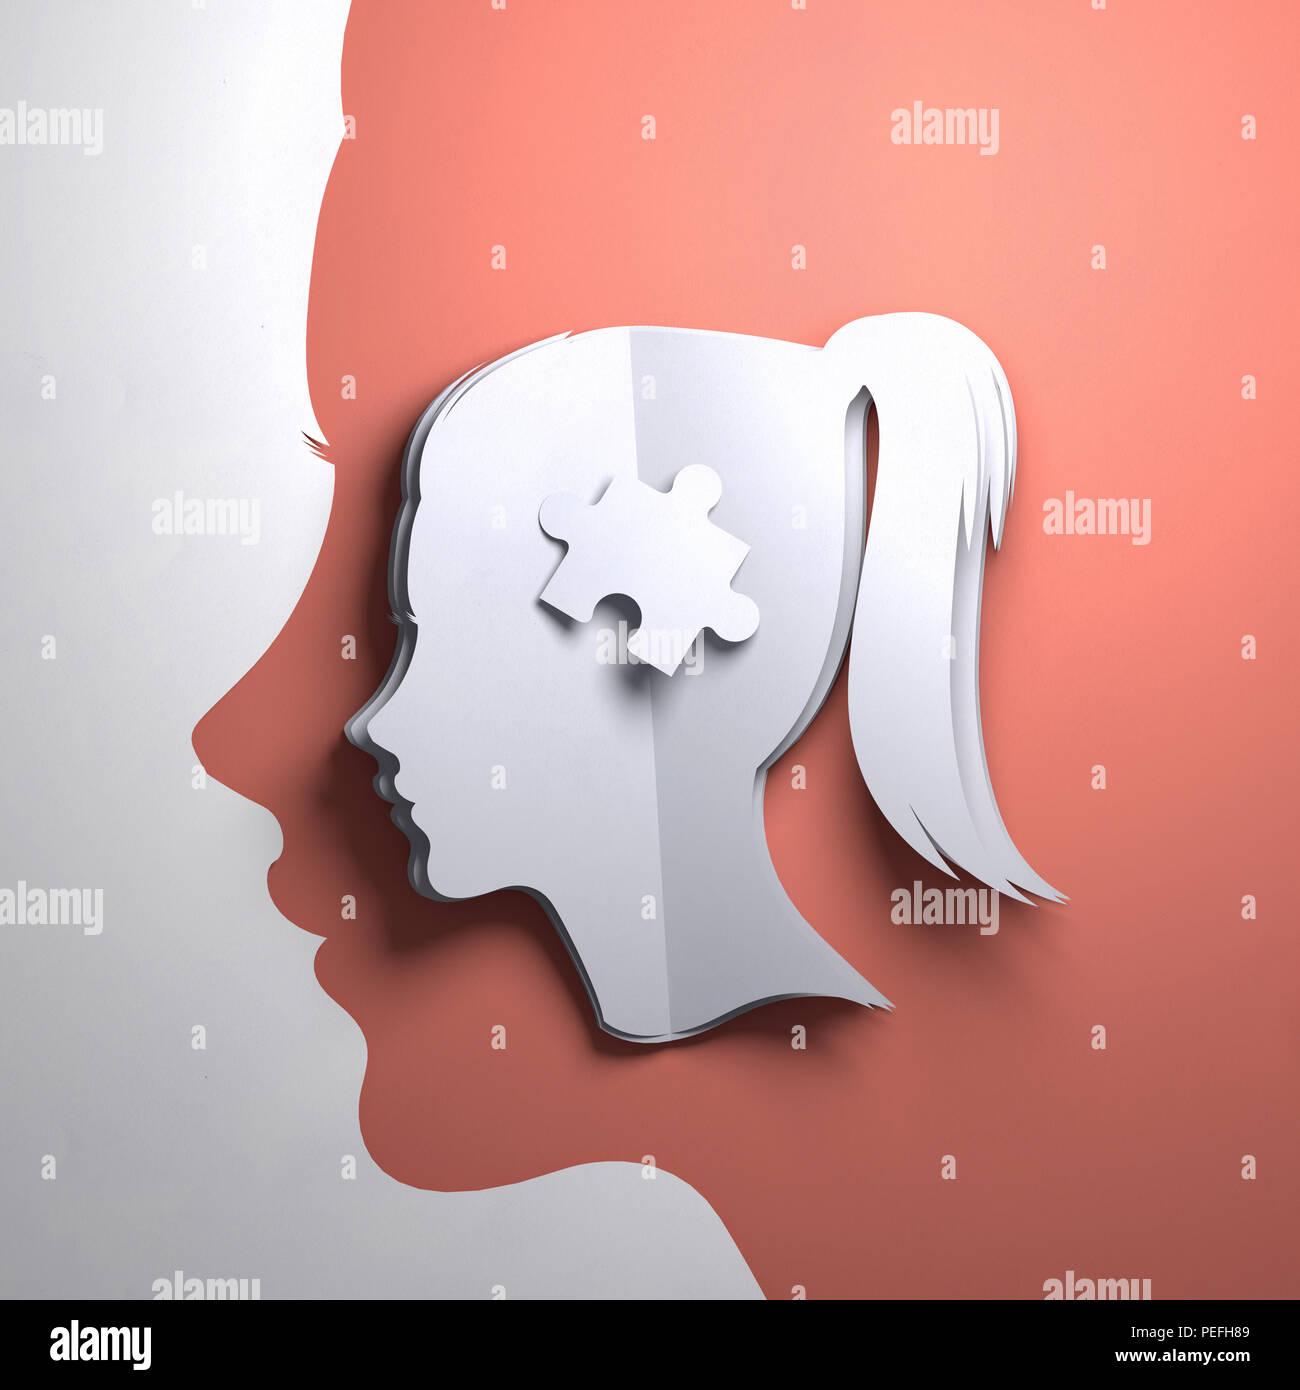 Gefaltetes Papier kunst Origami. Die Silhouette eines Frauen Kopf mit einem Puzzleteil. Konzeptionelle Vergegenwärtigung 3D-Abbildung. Stockbild